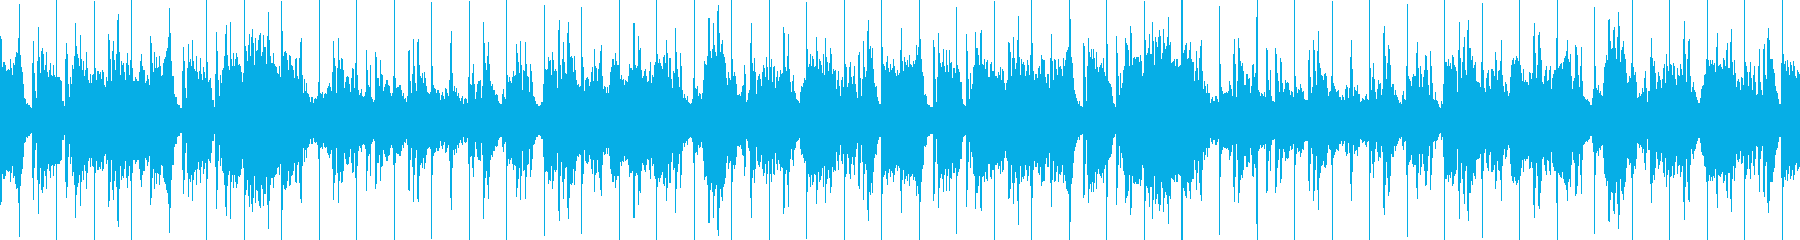 陽だまりの様な優しい和風曲ループの再生済みの波形